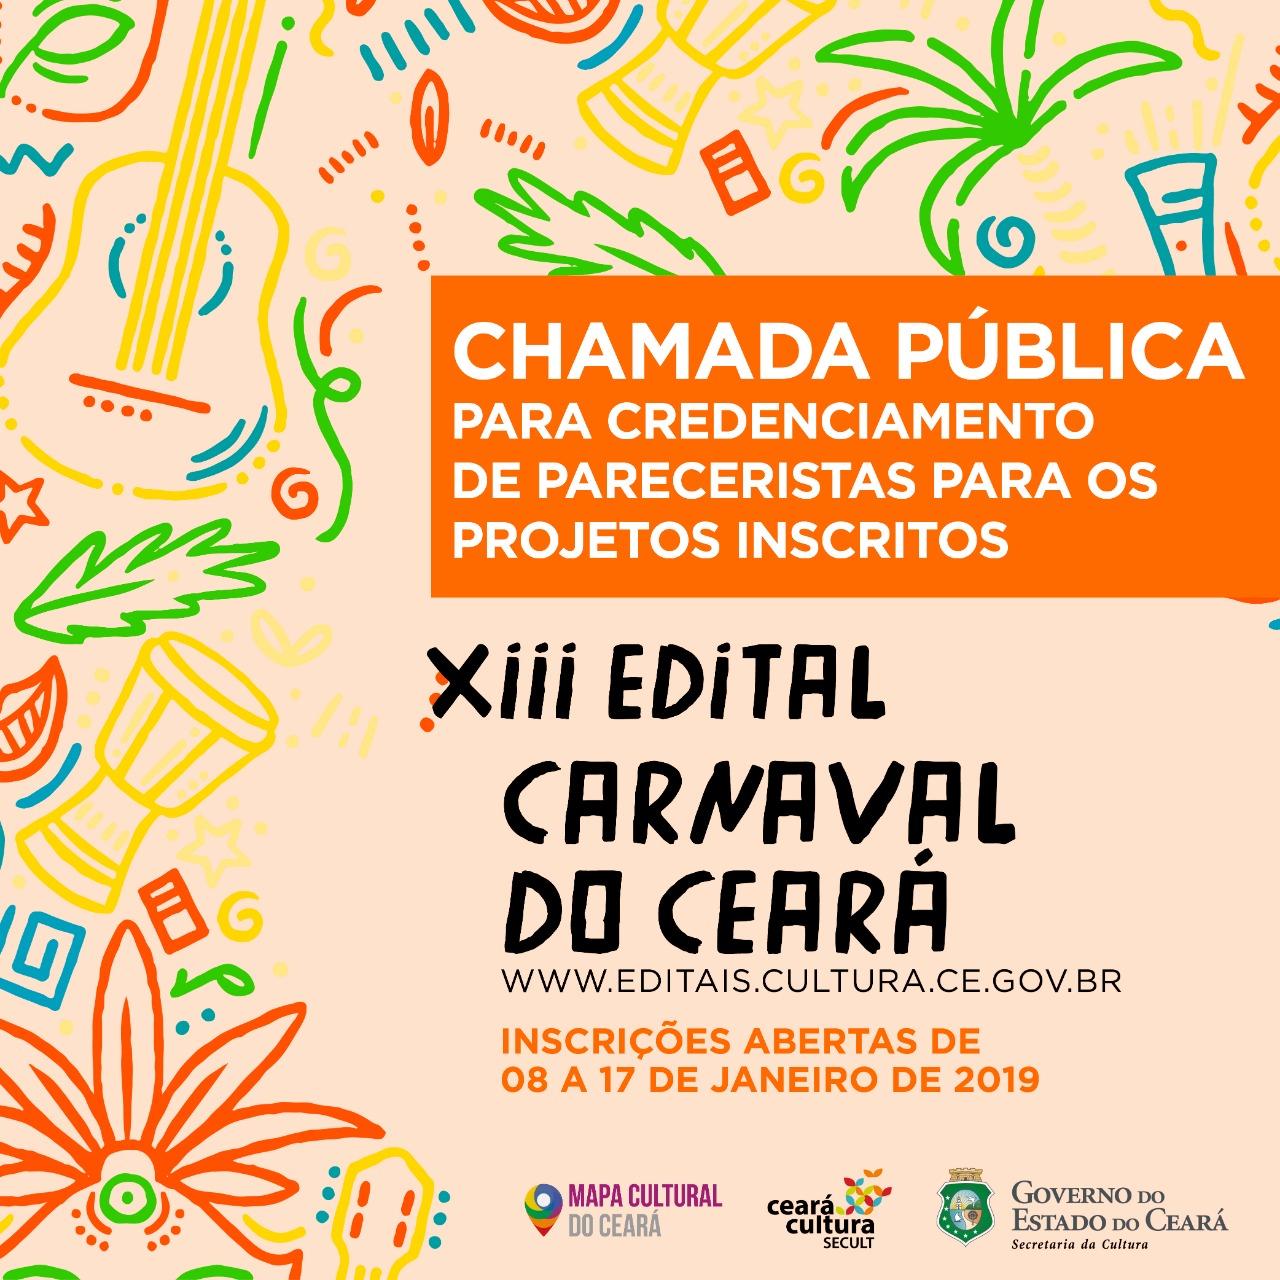 CREDENCIAMENTO DE PARECERISTAS: Inscrições abertas para Chamada Pública de Credenciamento de Pareceristas para o XIII Edital Carnaval do Ceará